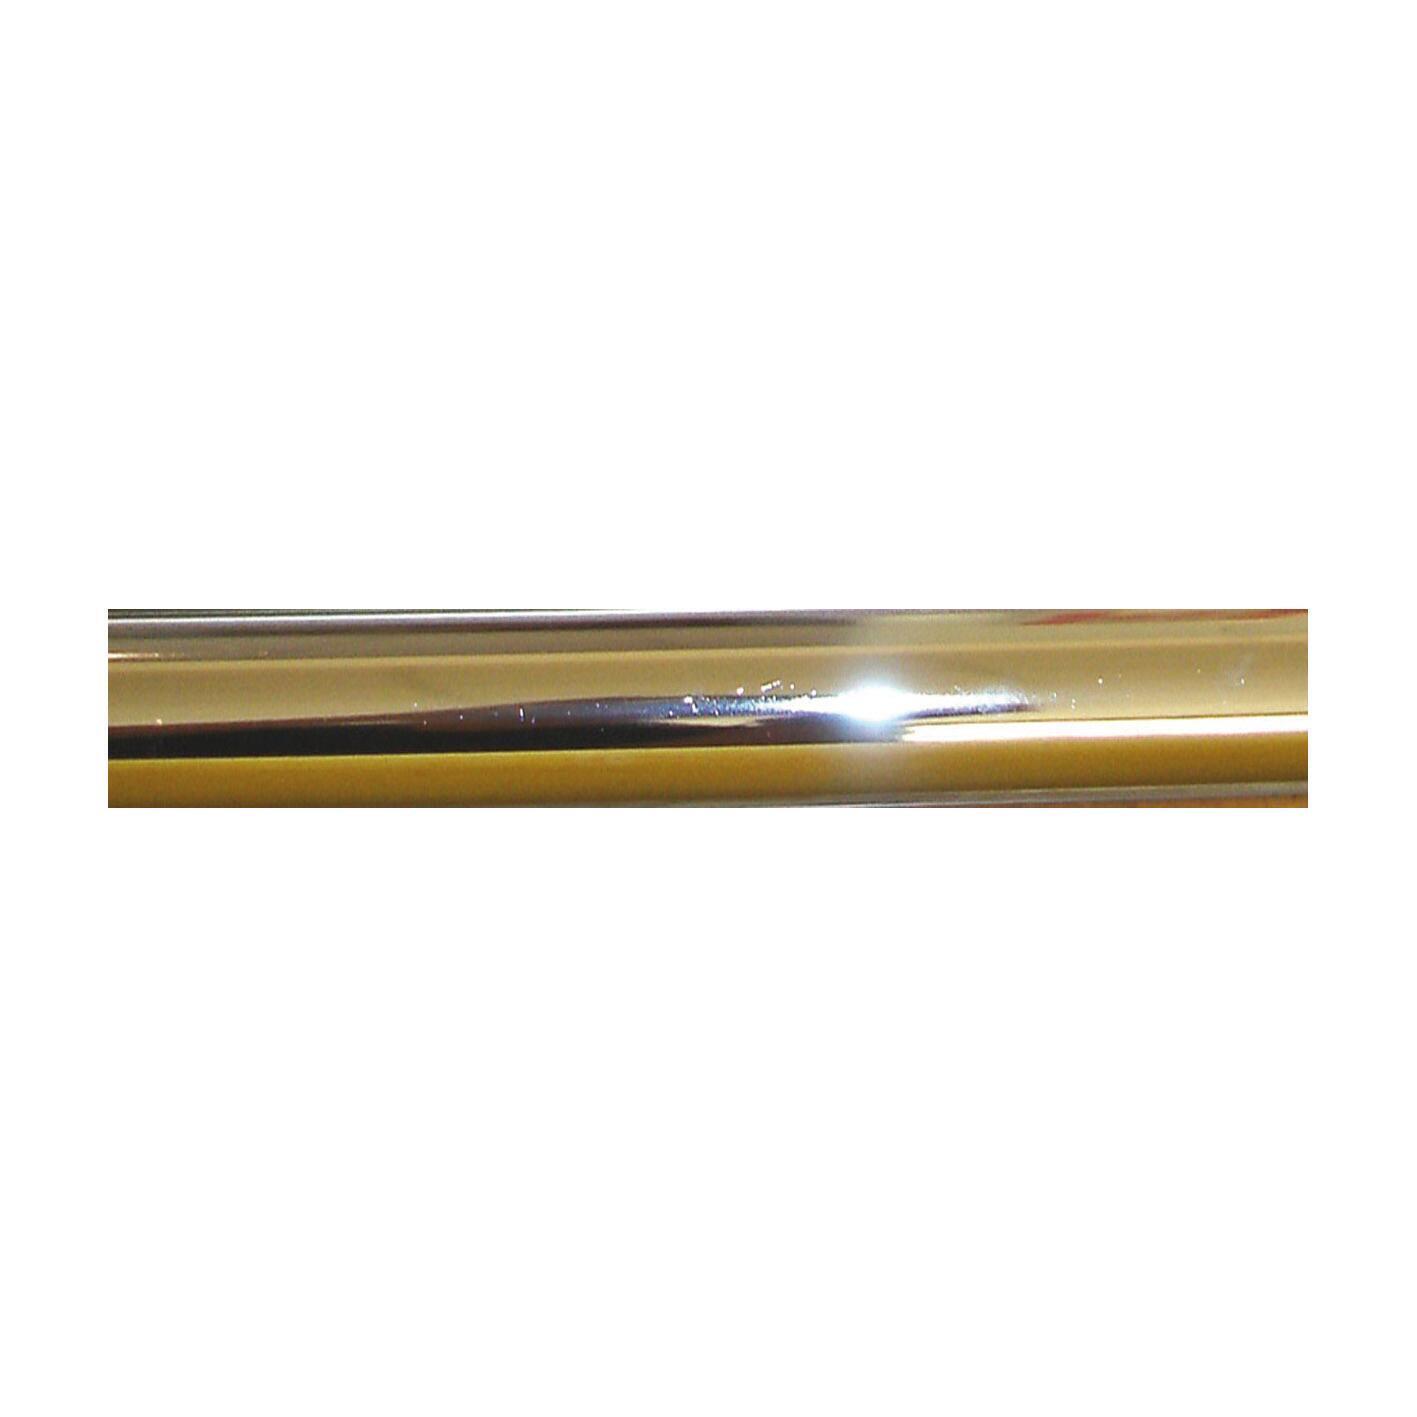 Bastone per tenda Agra in metallo Ø 28 mm ottone lucido 150 cm - 1